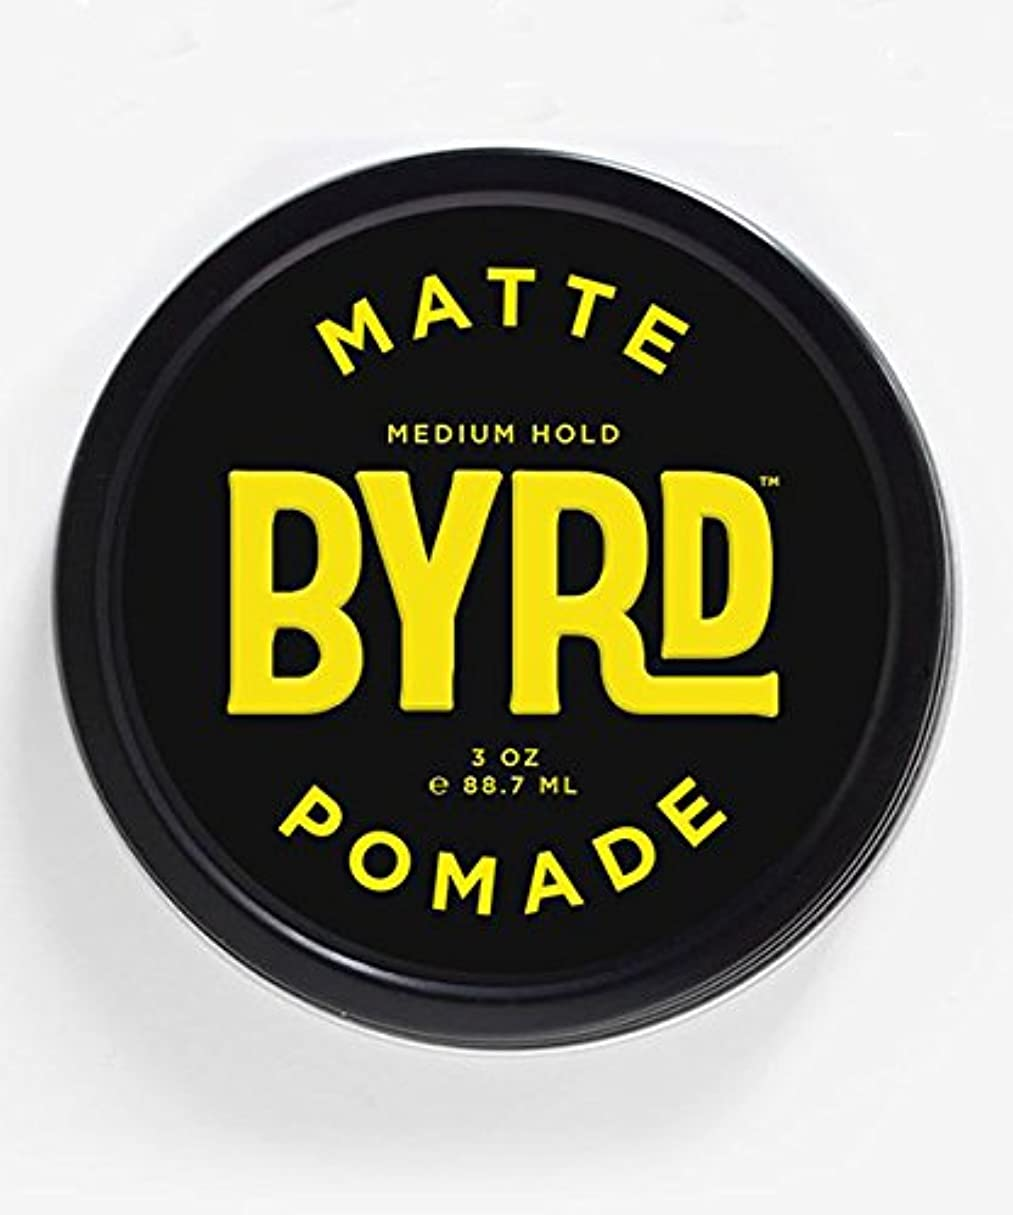 ワイン夜従来のBYRD(バード) マットポマード 85g